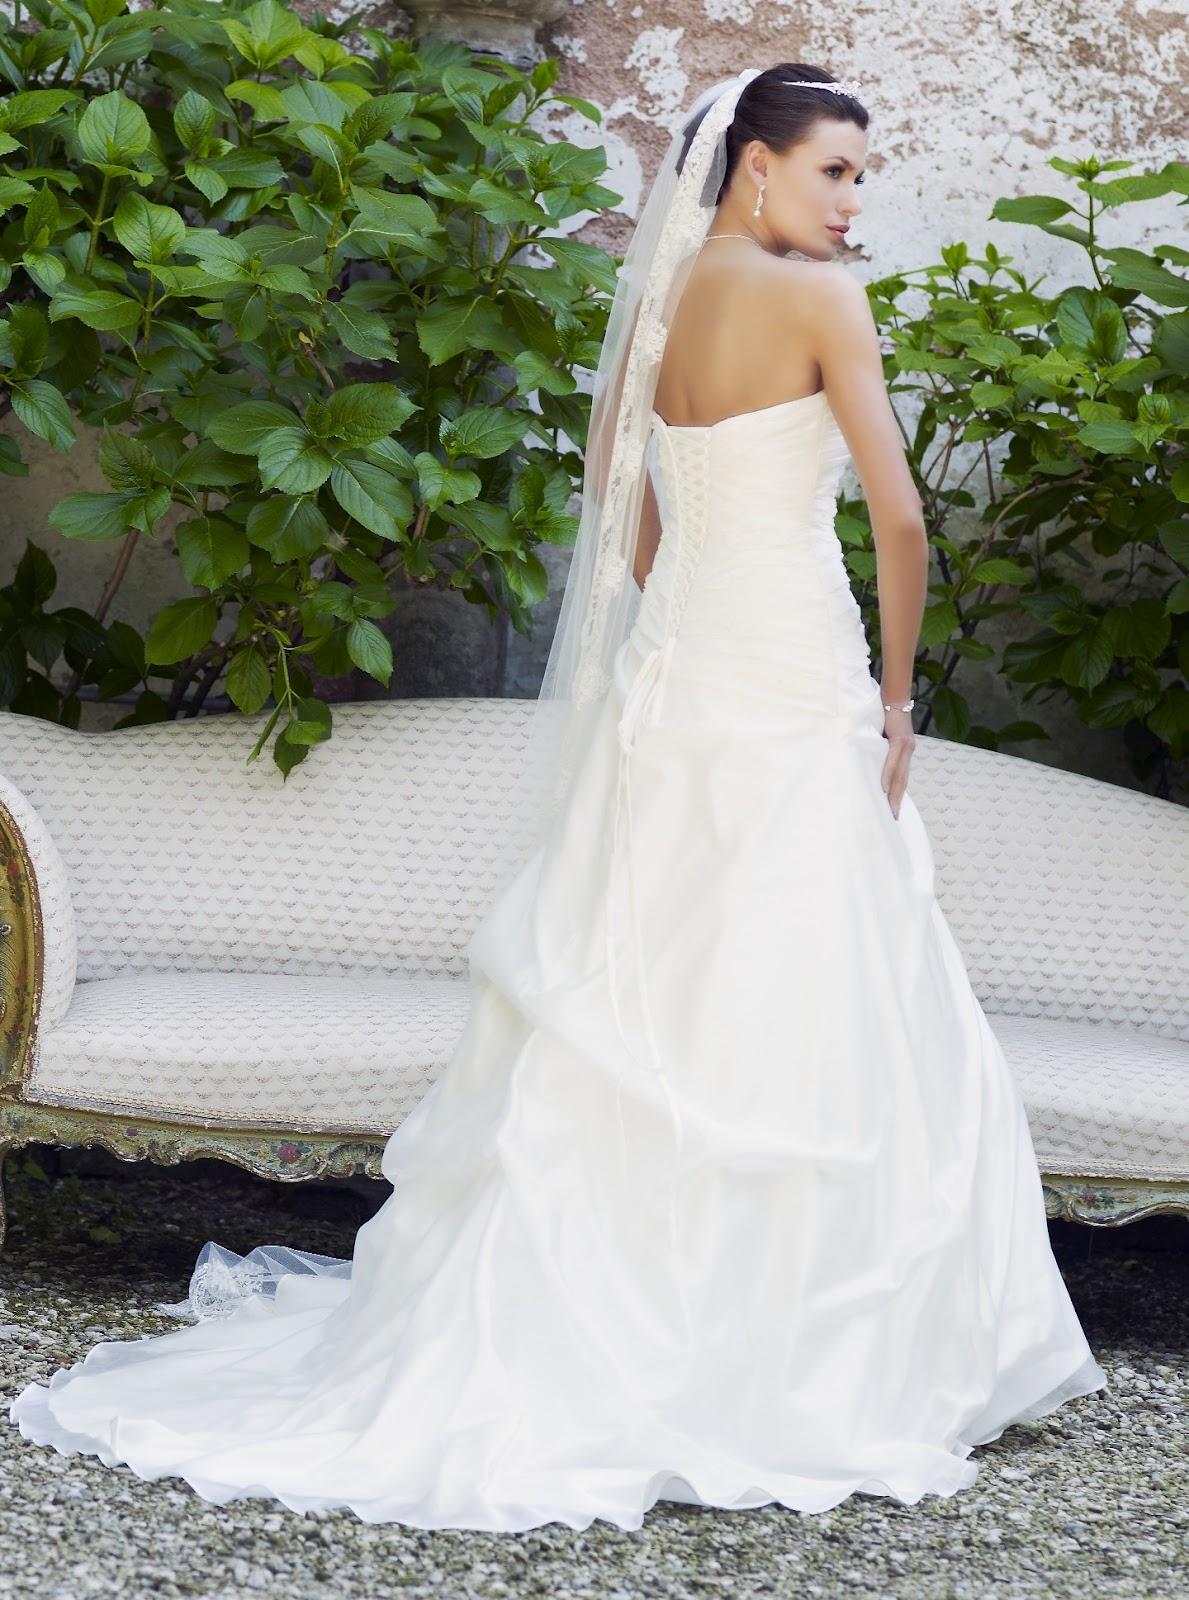 46d770d55e LILLY menyasszonyi ruha Hajdúböszörmény. Kölcsönzési ár 36-os méretben: 60.000  Ft Kölcsönzési ár 40-es méretben: 60.000 Ft Eladási ár: 109.000 Ft